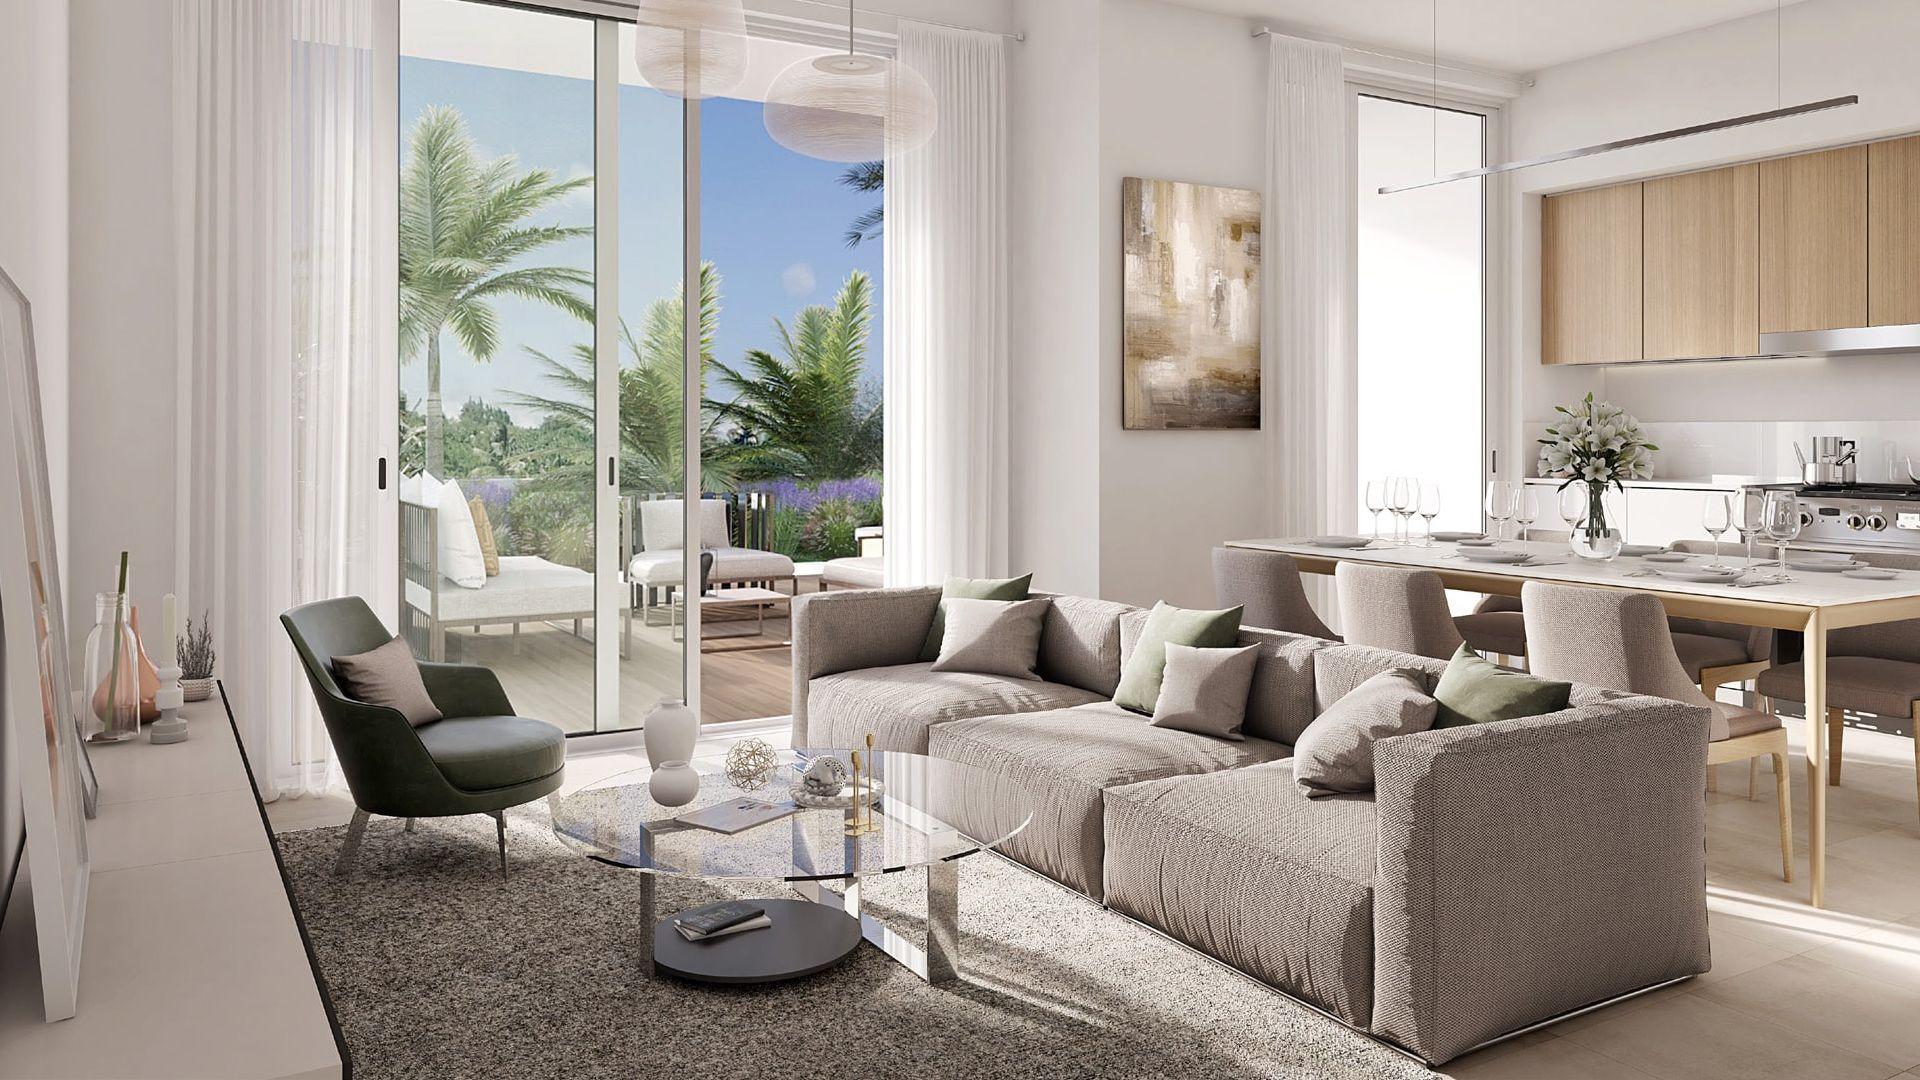 Villa en venta en Dubai, EAU, 3 dormitorios, 180 m2, № 24246 – foto 5